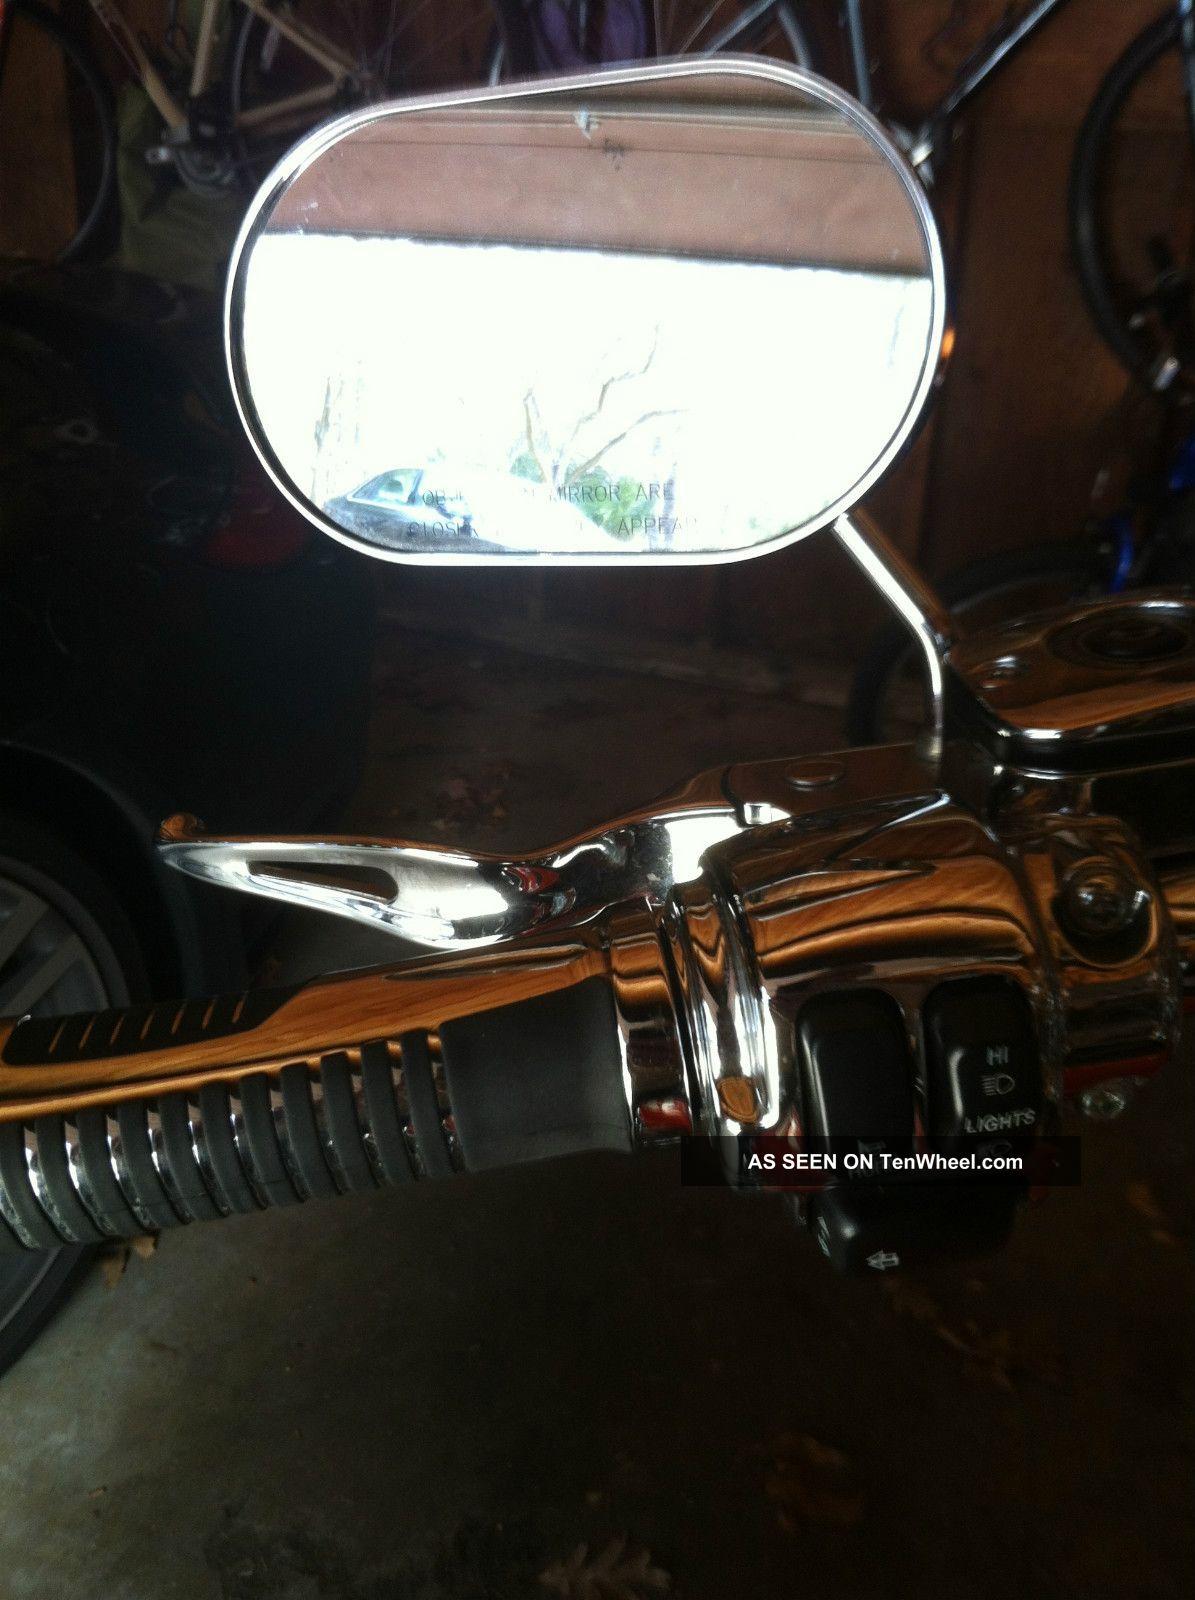 2005 Harley Davidson Screaming Eagle V - Rod Vrscse 1250cc VRSC photo